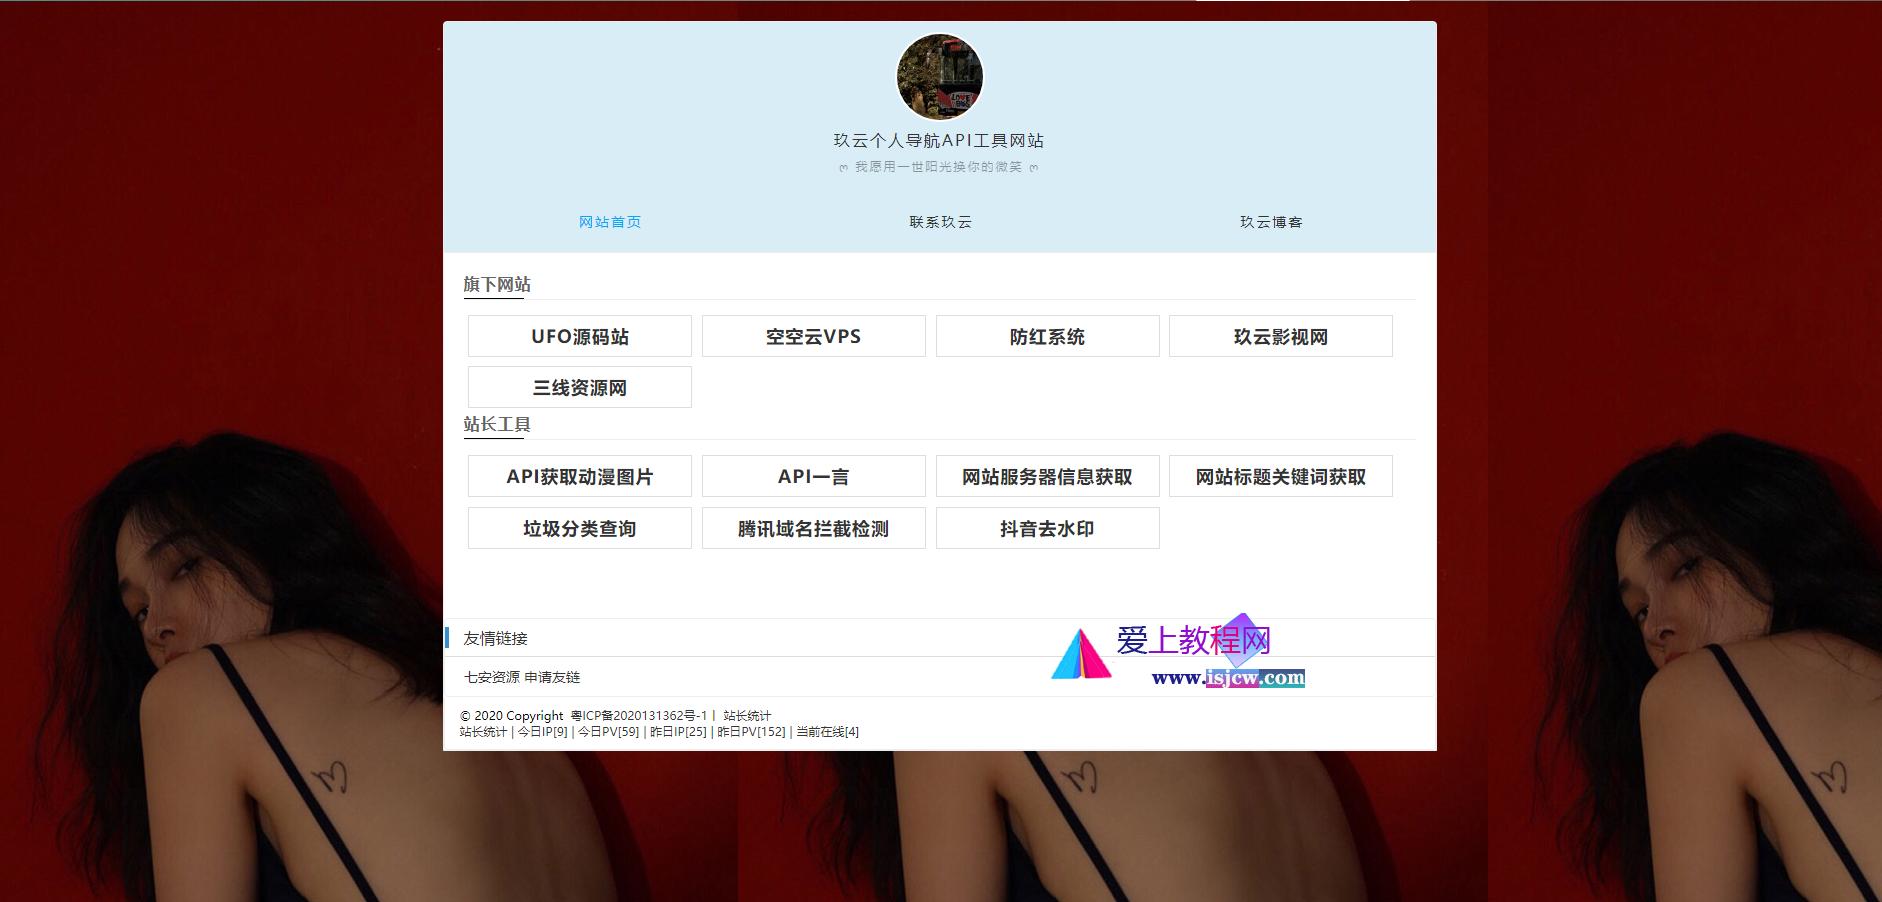 个人导航主页API网站源码